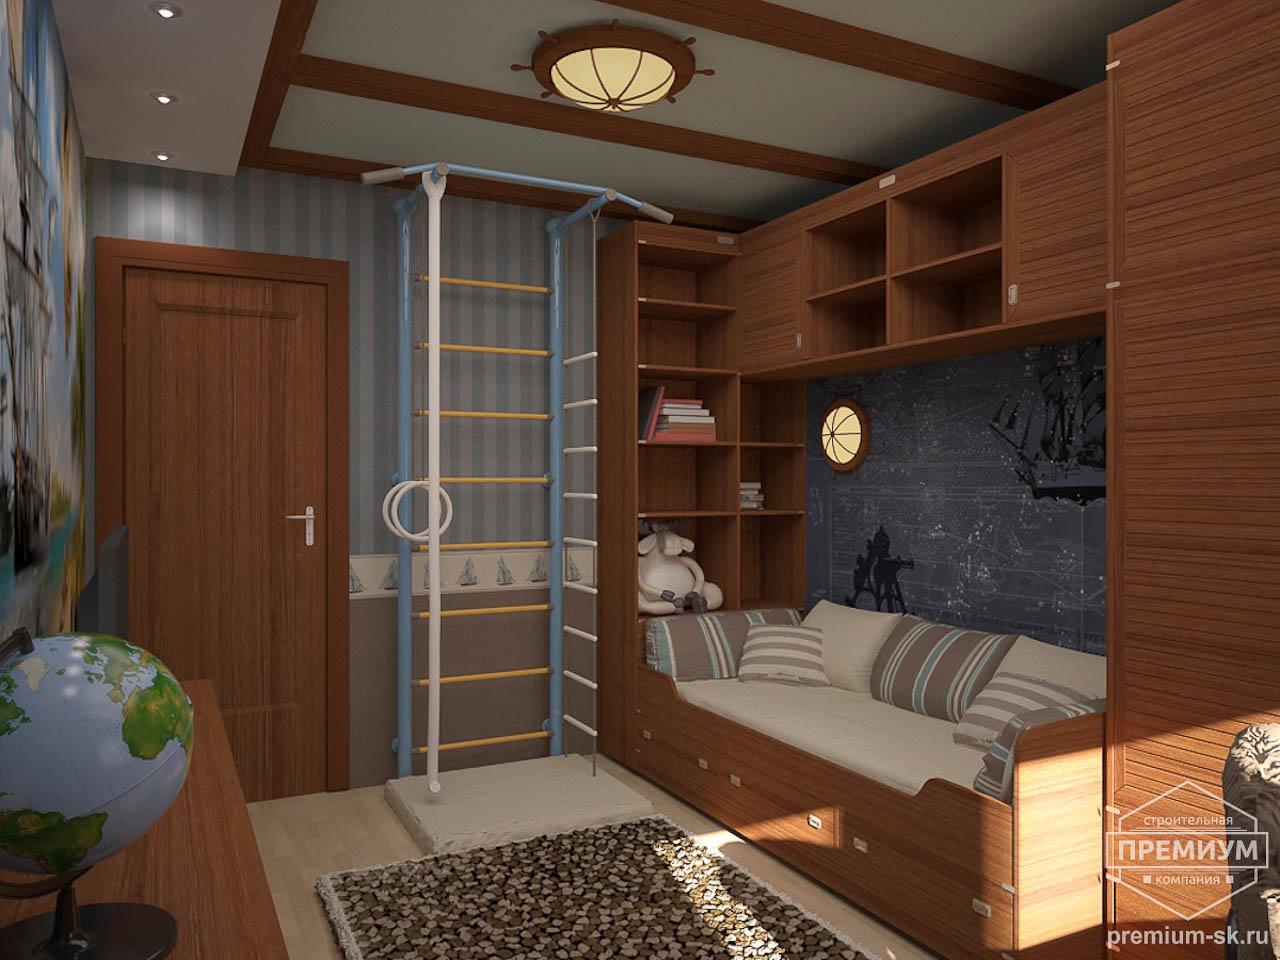 Дизайн интерьера детской по ул. Фролова 31 img387360478